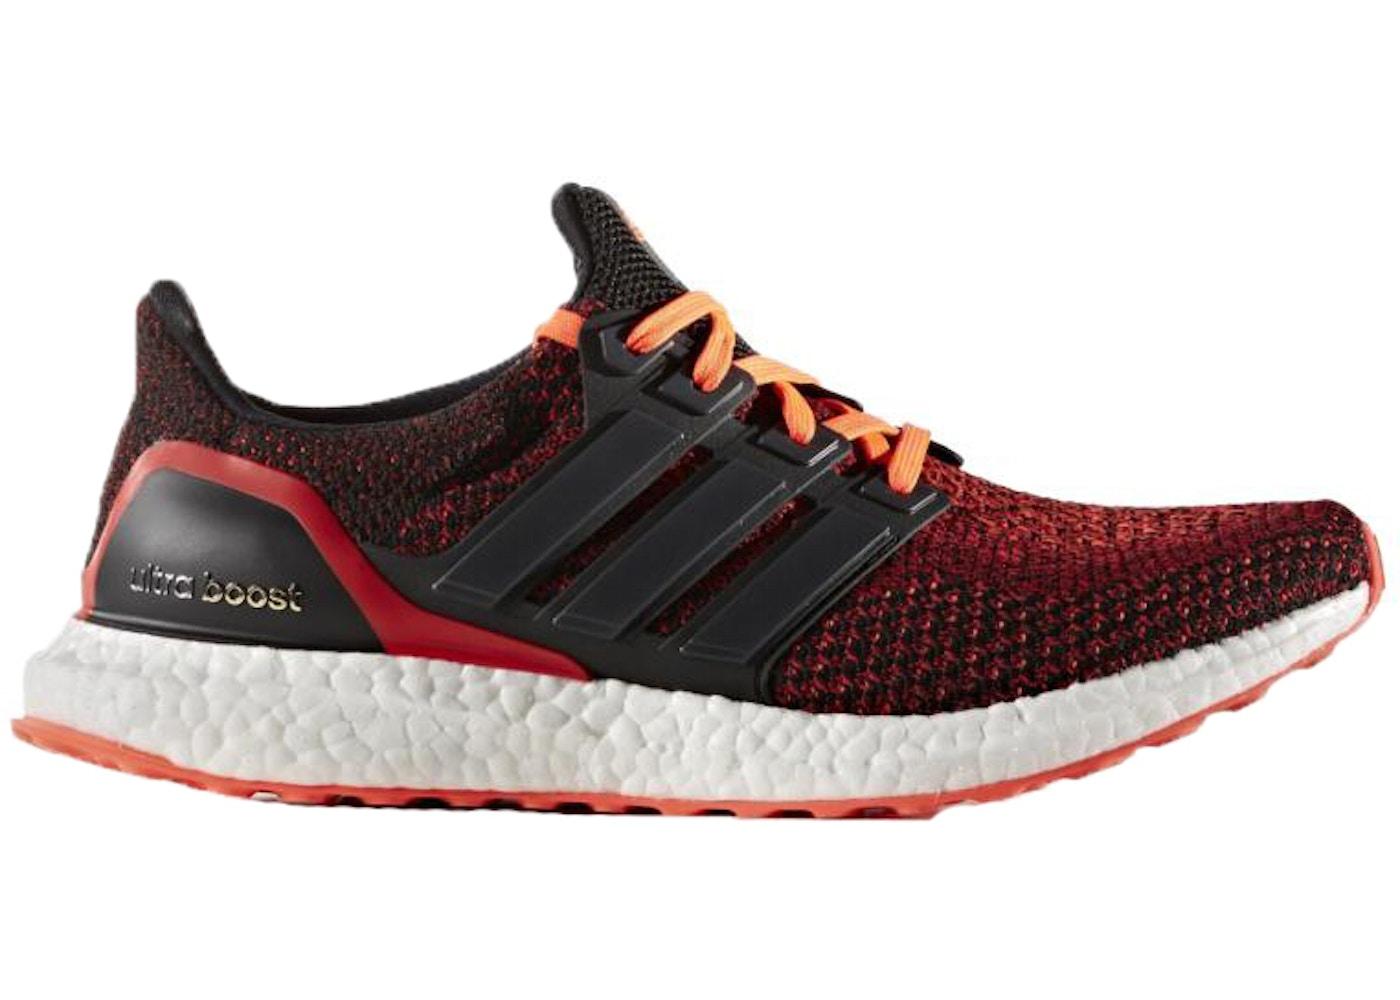 adidas Ultra Boost 2.0 Core Black Solar Red - AQ5930 f66d607d2